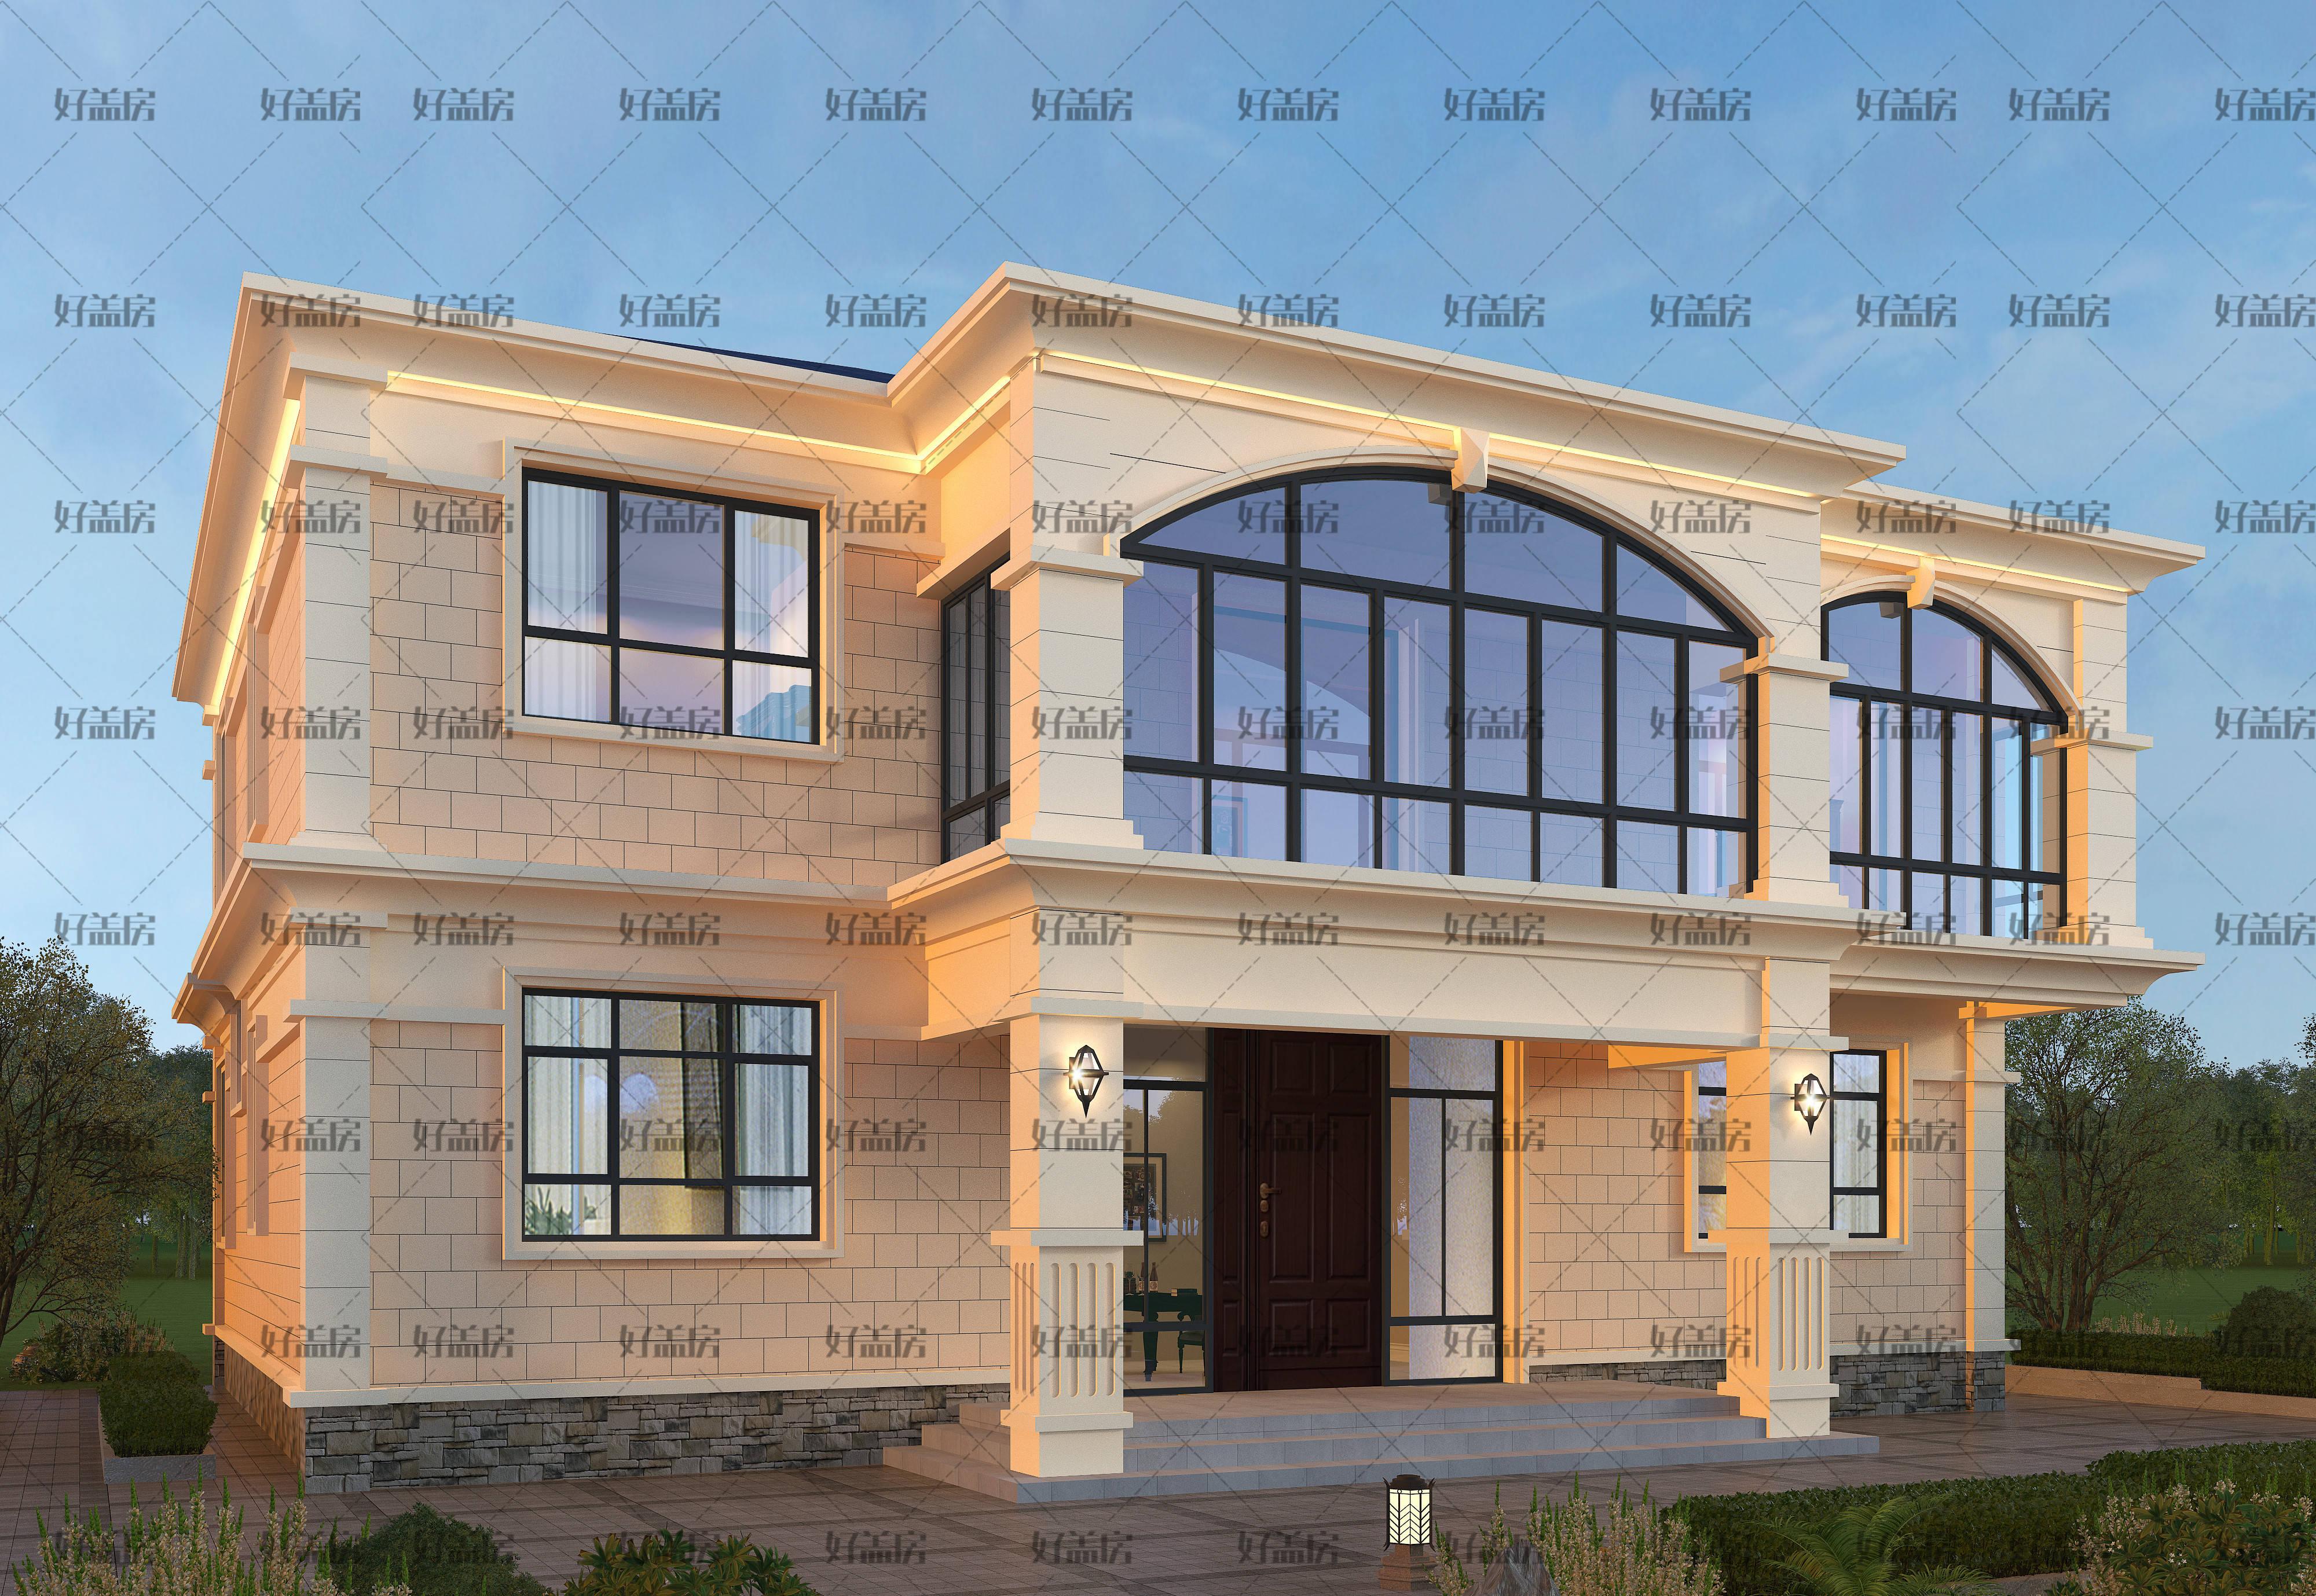 二楼房子设计图